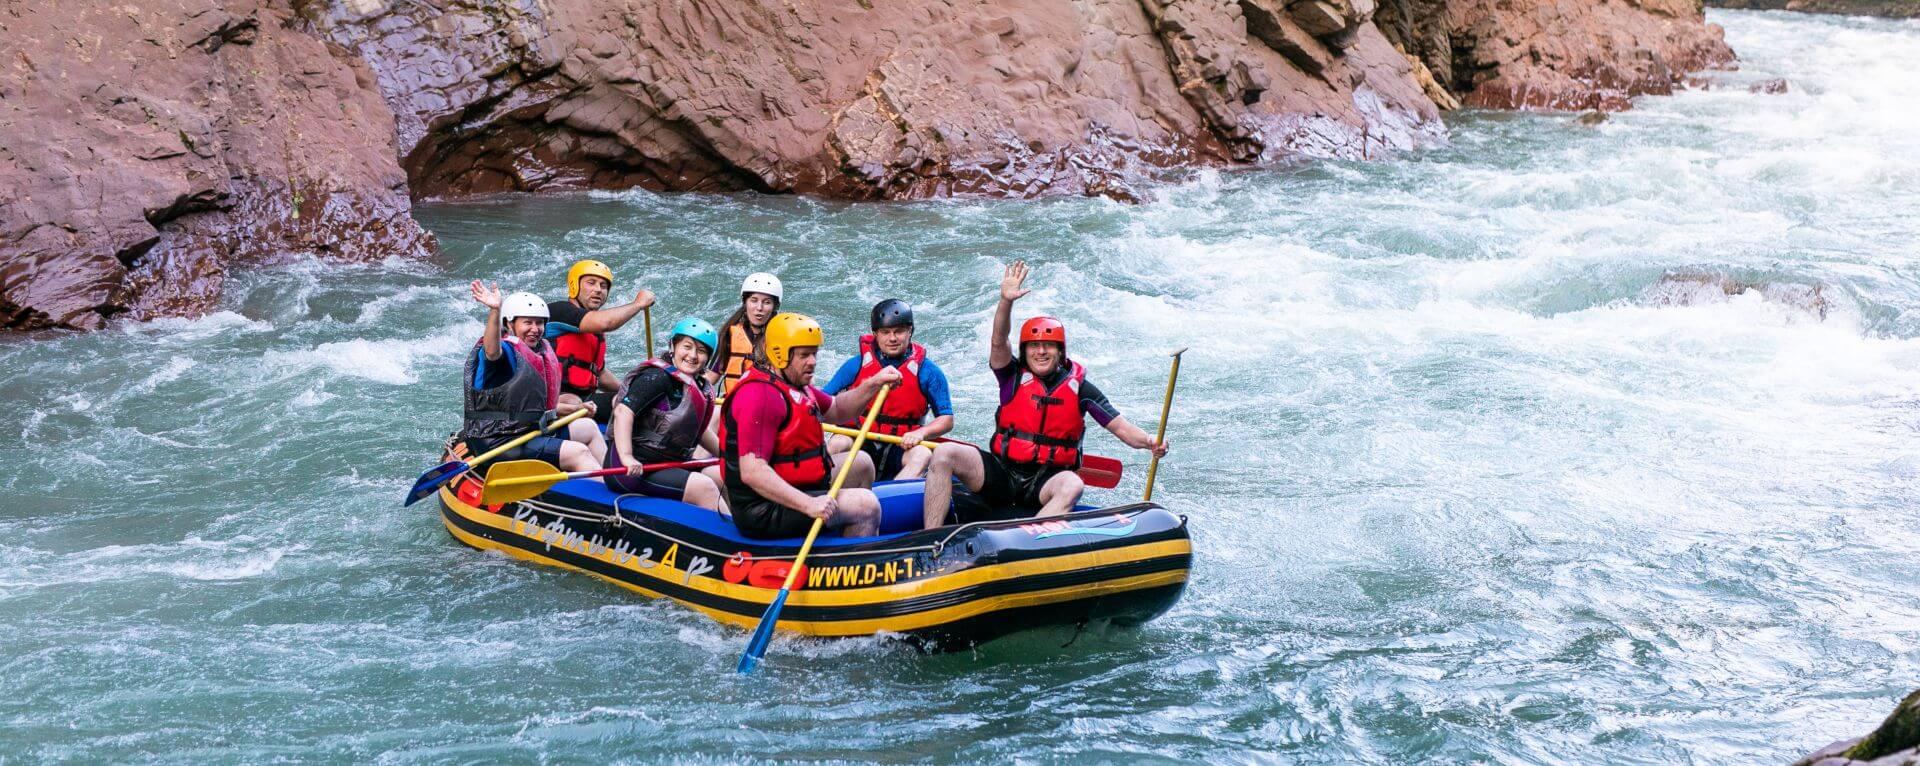 Gruppo escursionista scende il fiume in gommone